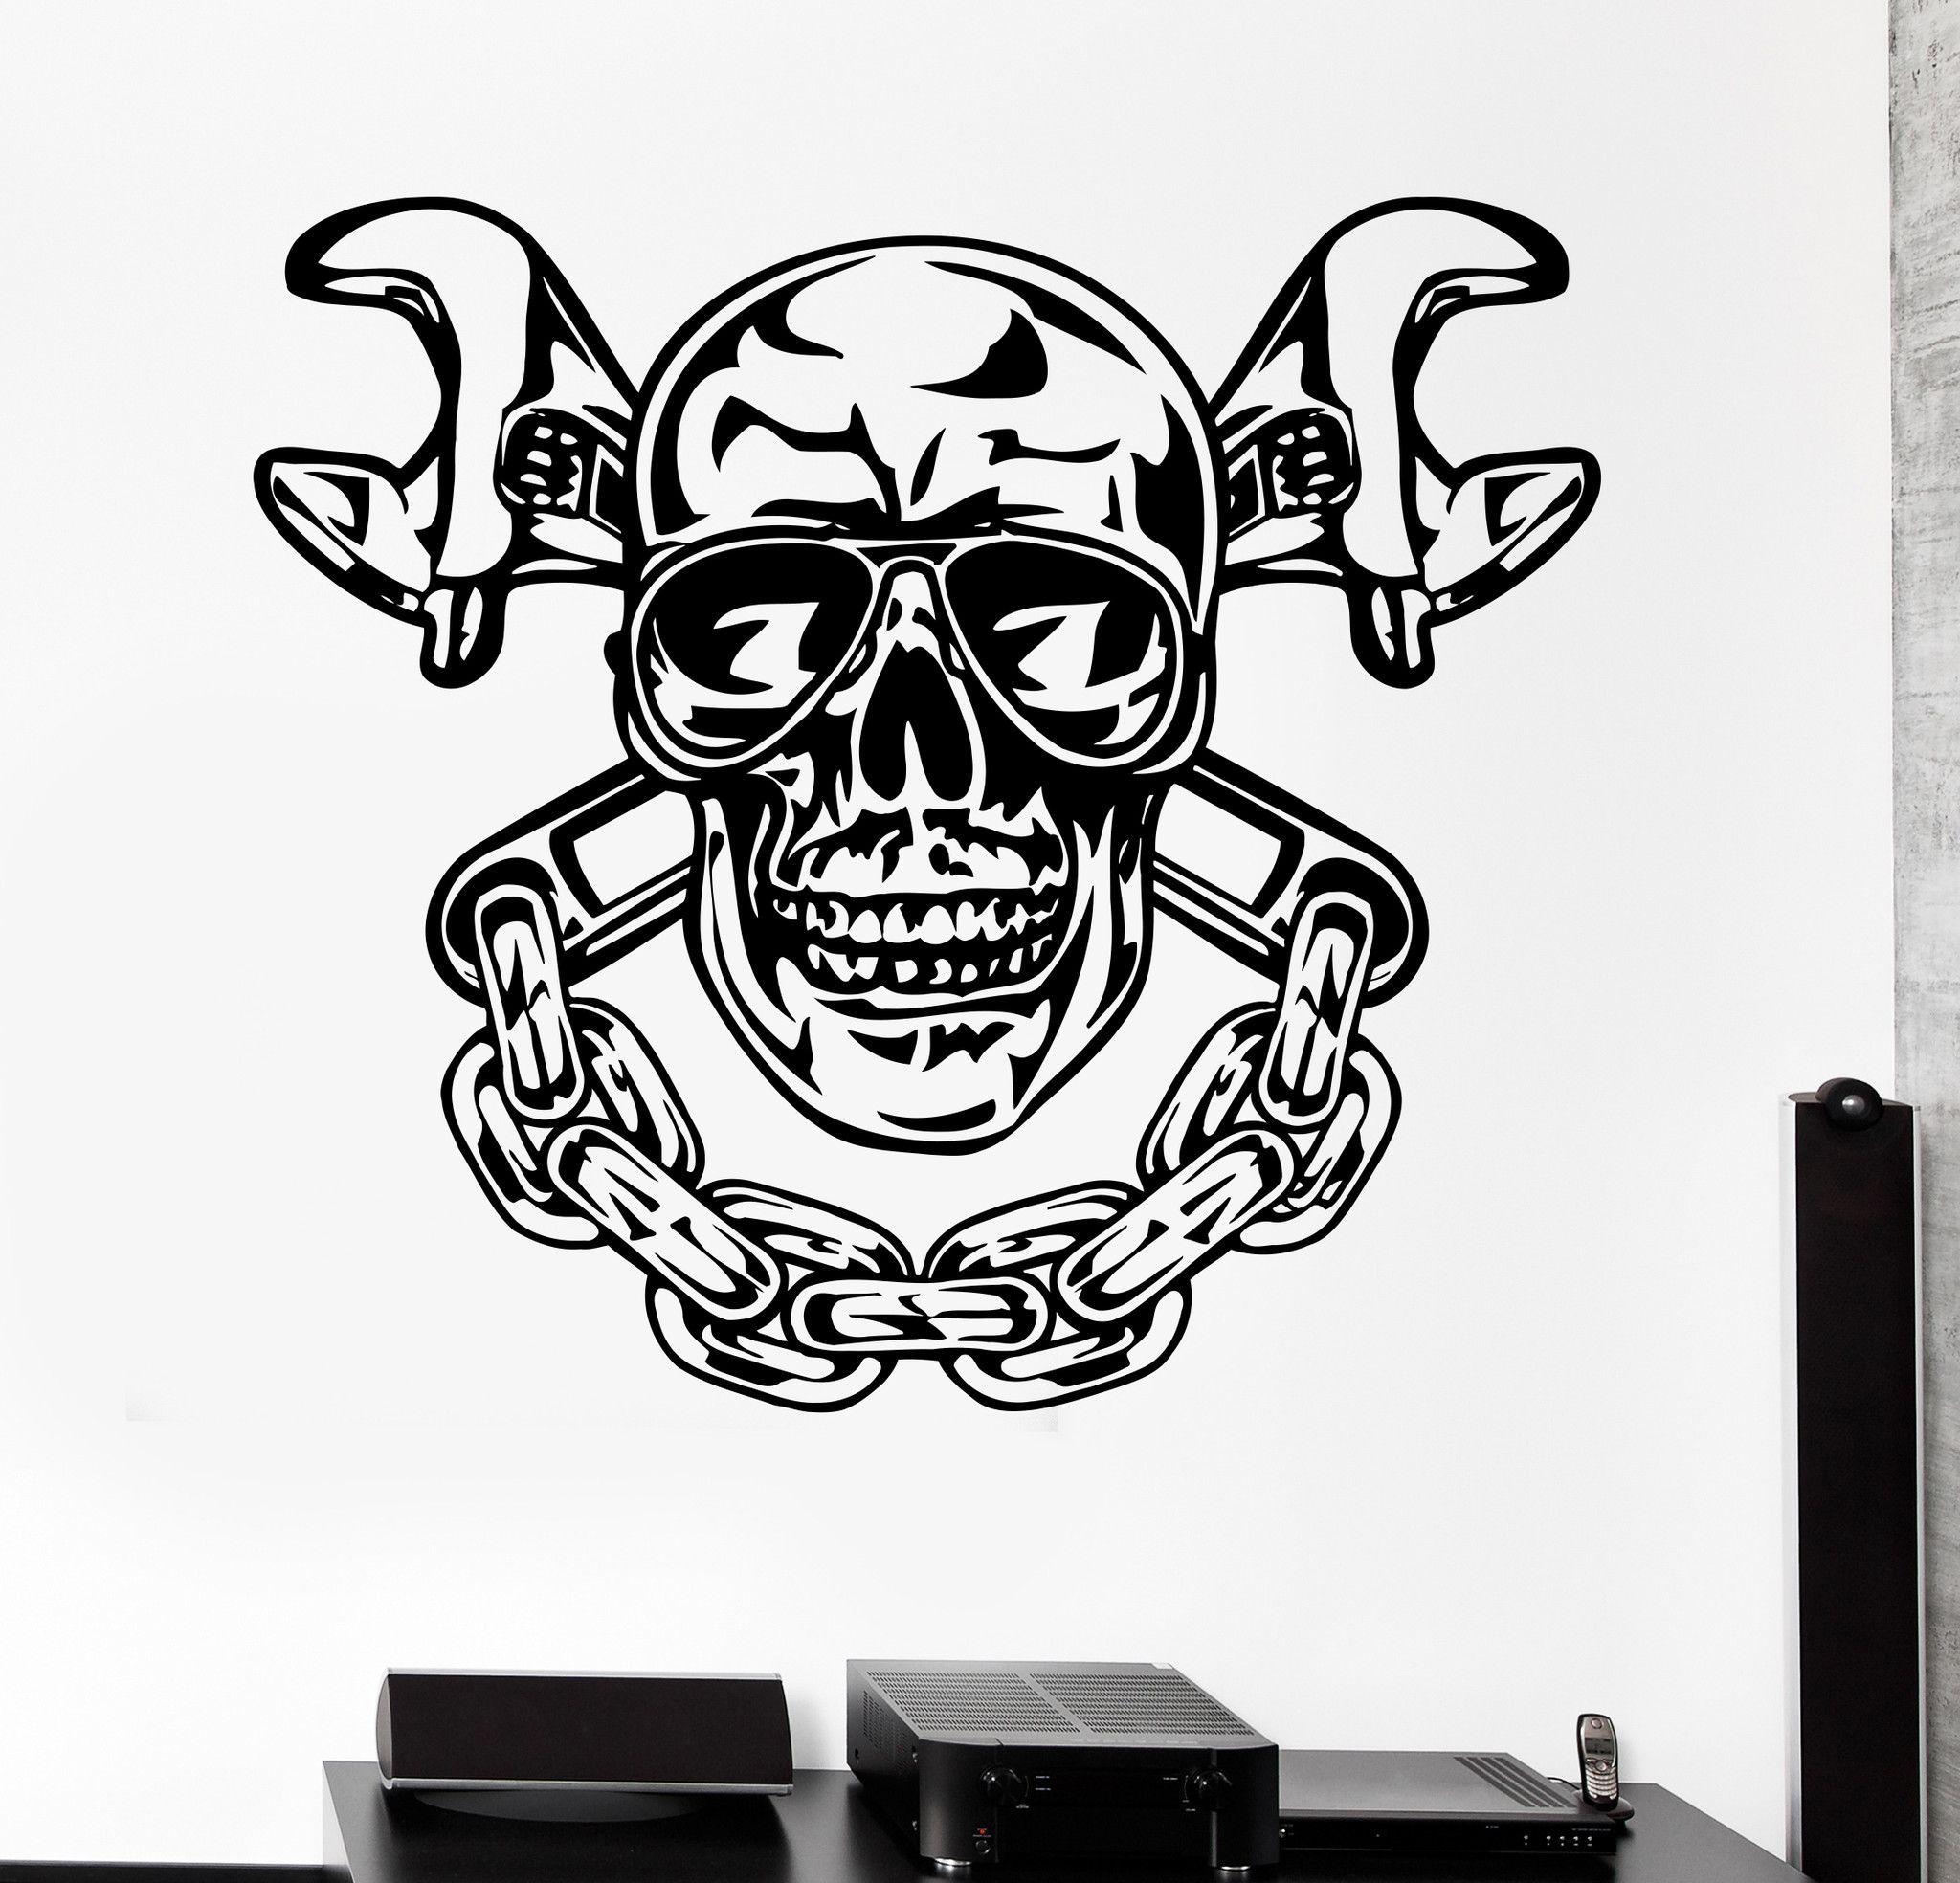 Vinyl Wall Decal Skull Chain Auto Car Repair Service